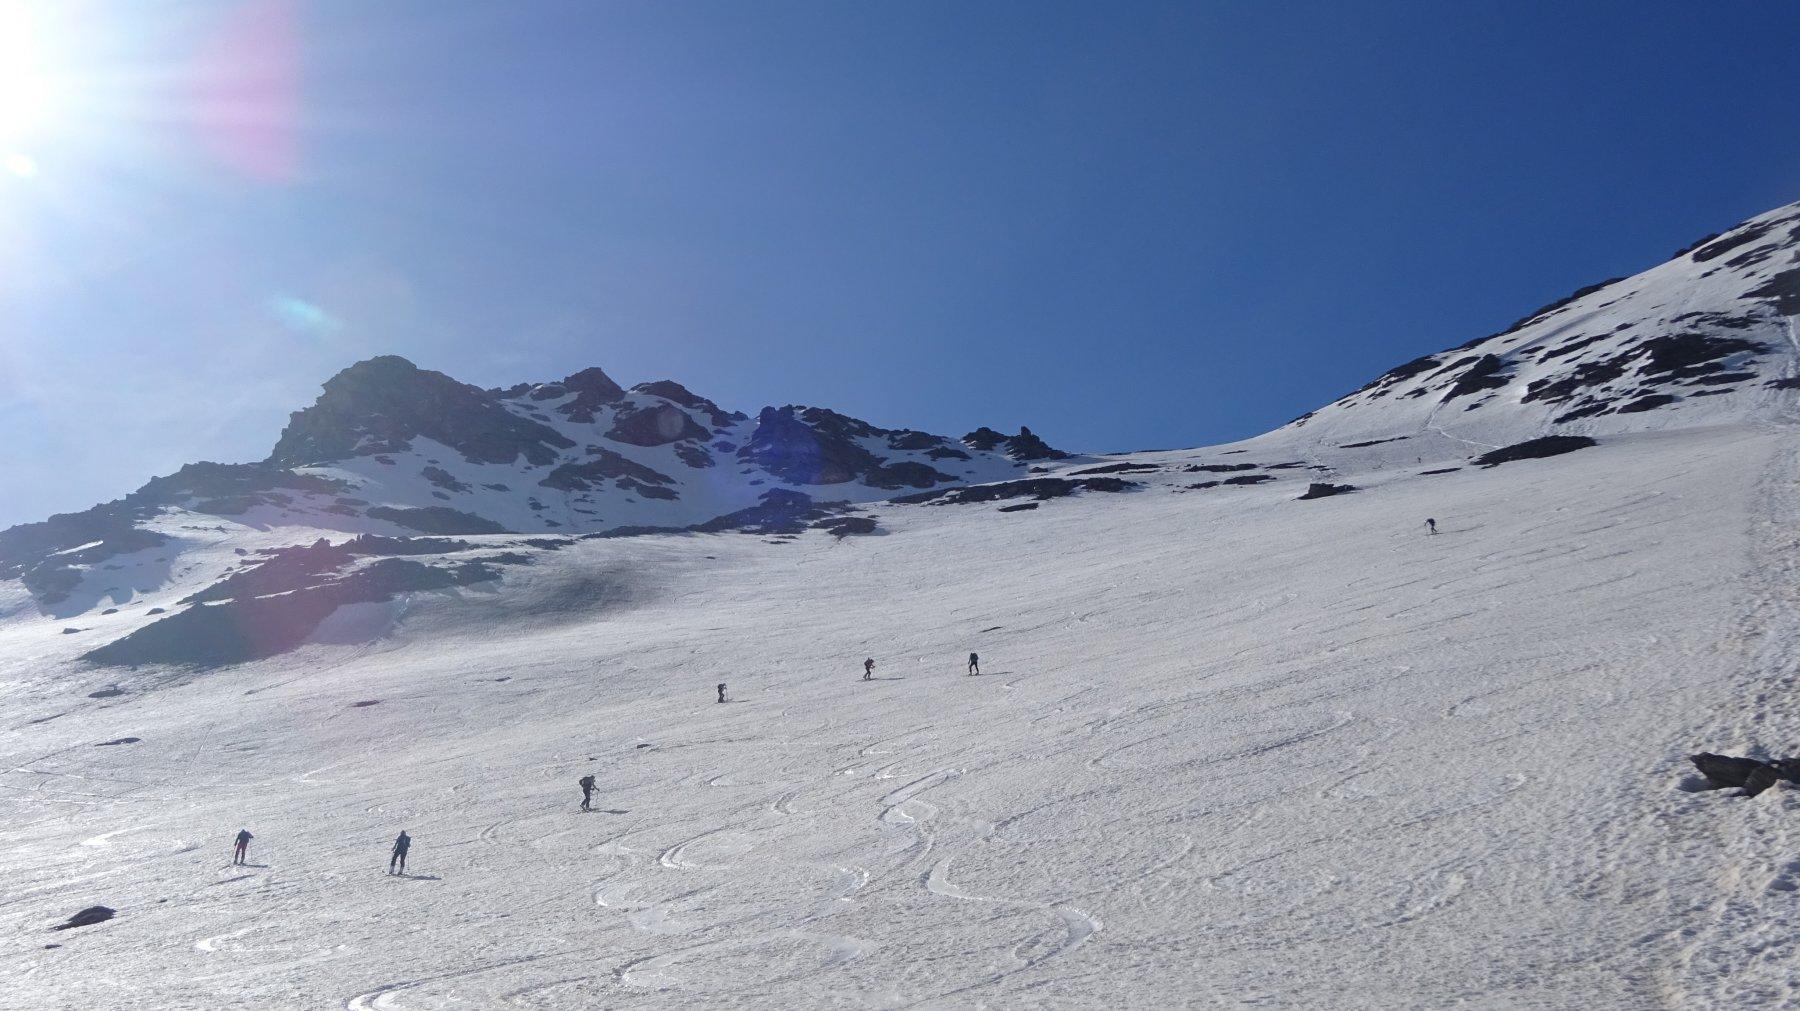 il ripido pendio che porta al colletto quota 2970 m.